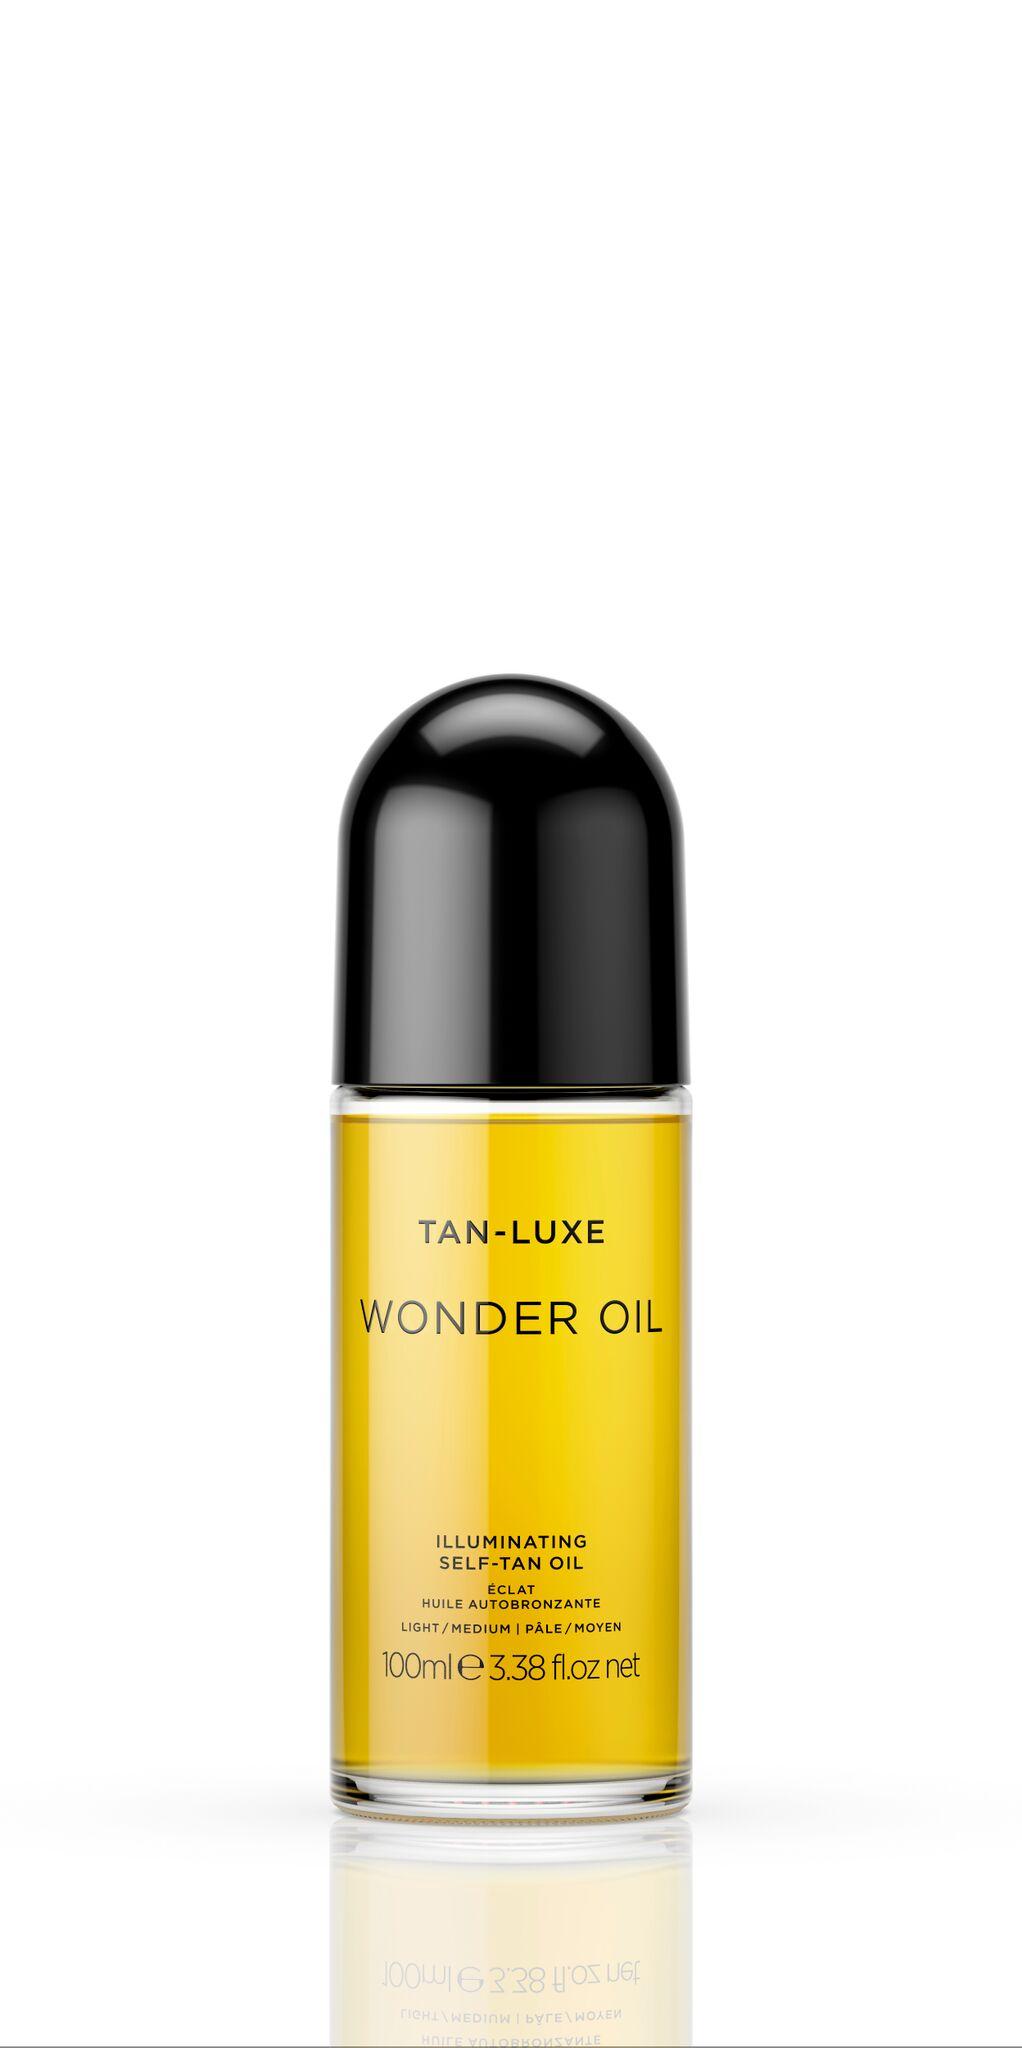 Tan Luxe Illumminating Self-Tan Wonder Oil, 100 ml, light/medium